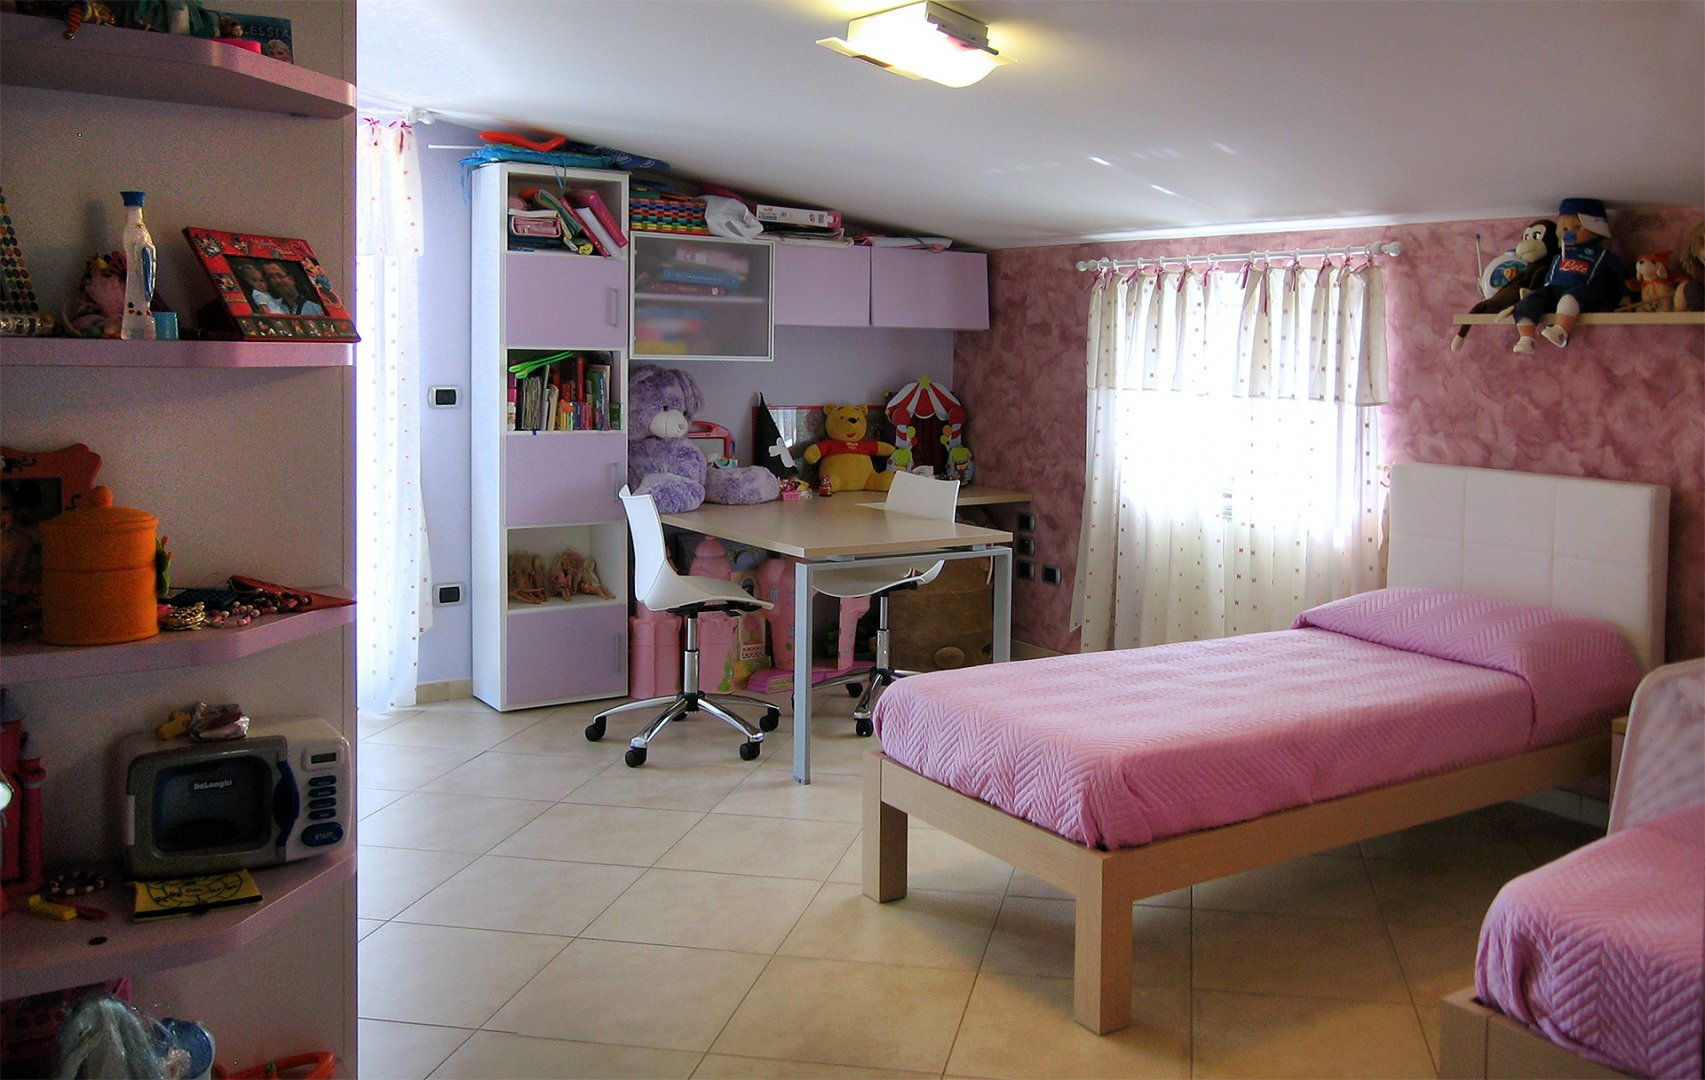 Progetto di arredo di una cameretta per bambini - Plafoniera per cameretta ...